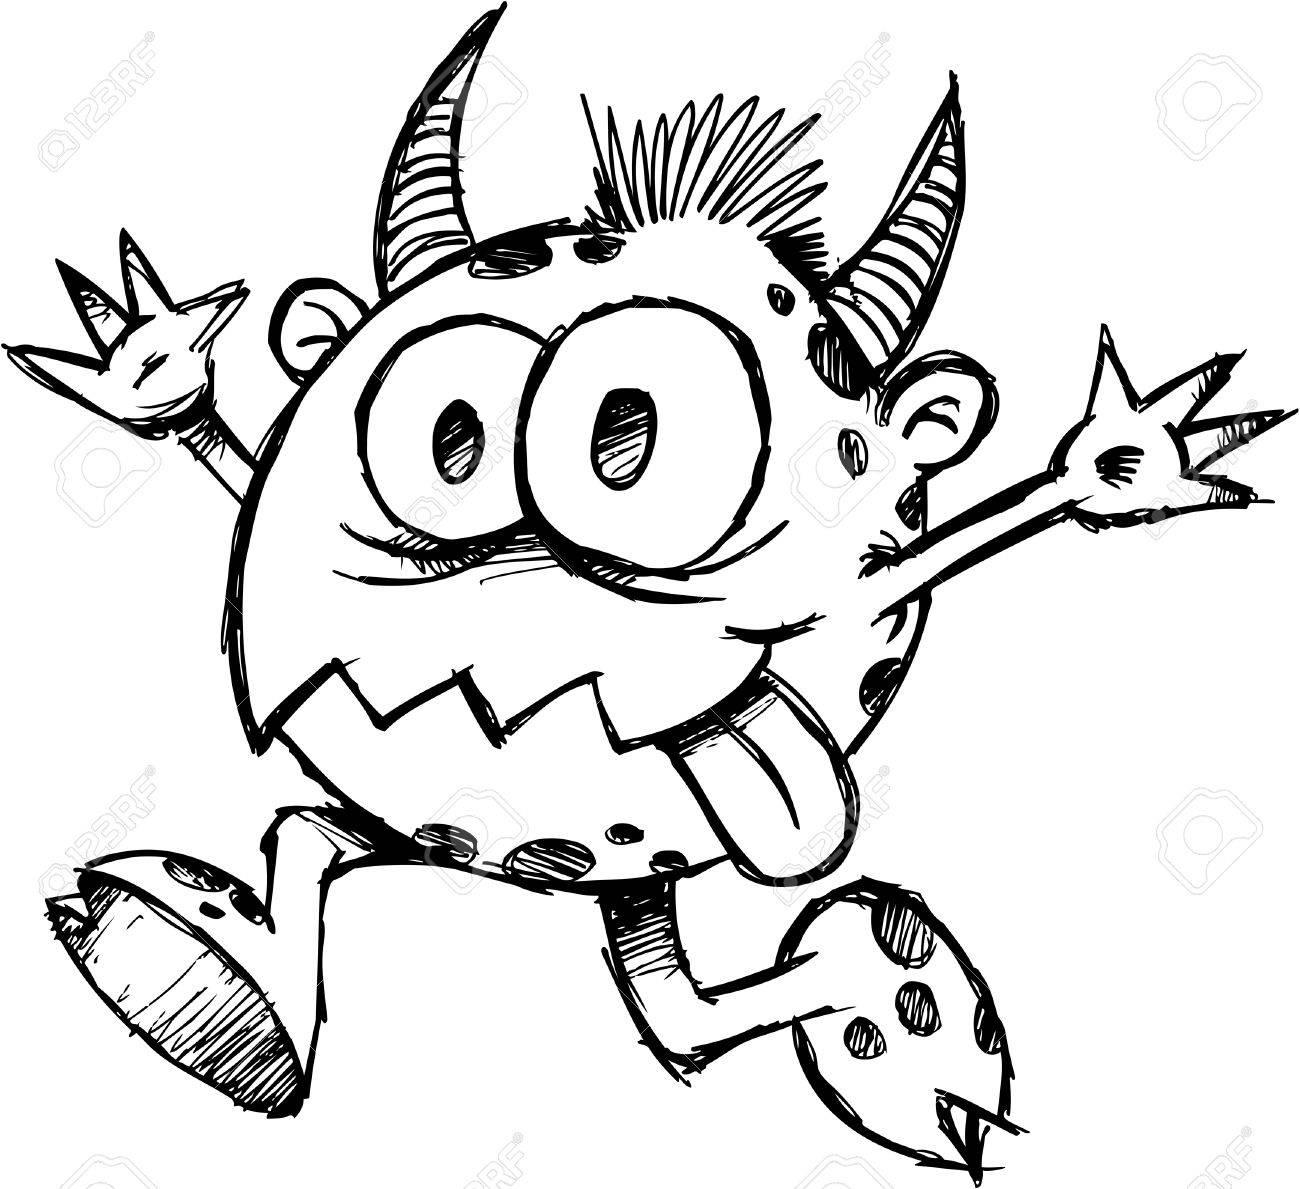 Sketchy Monster Devil Illustration - 6767032